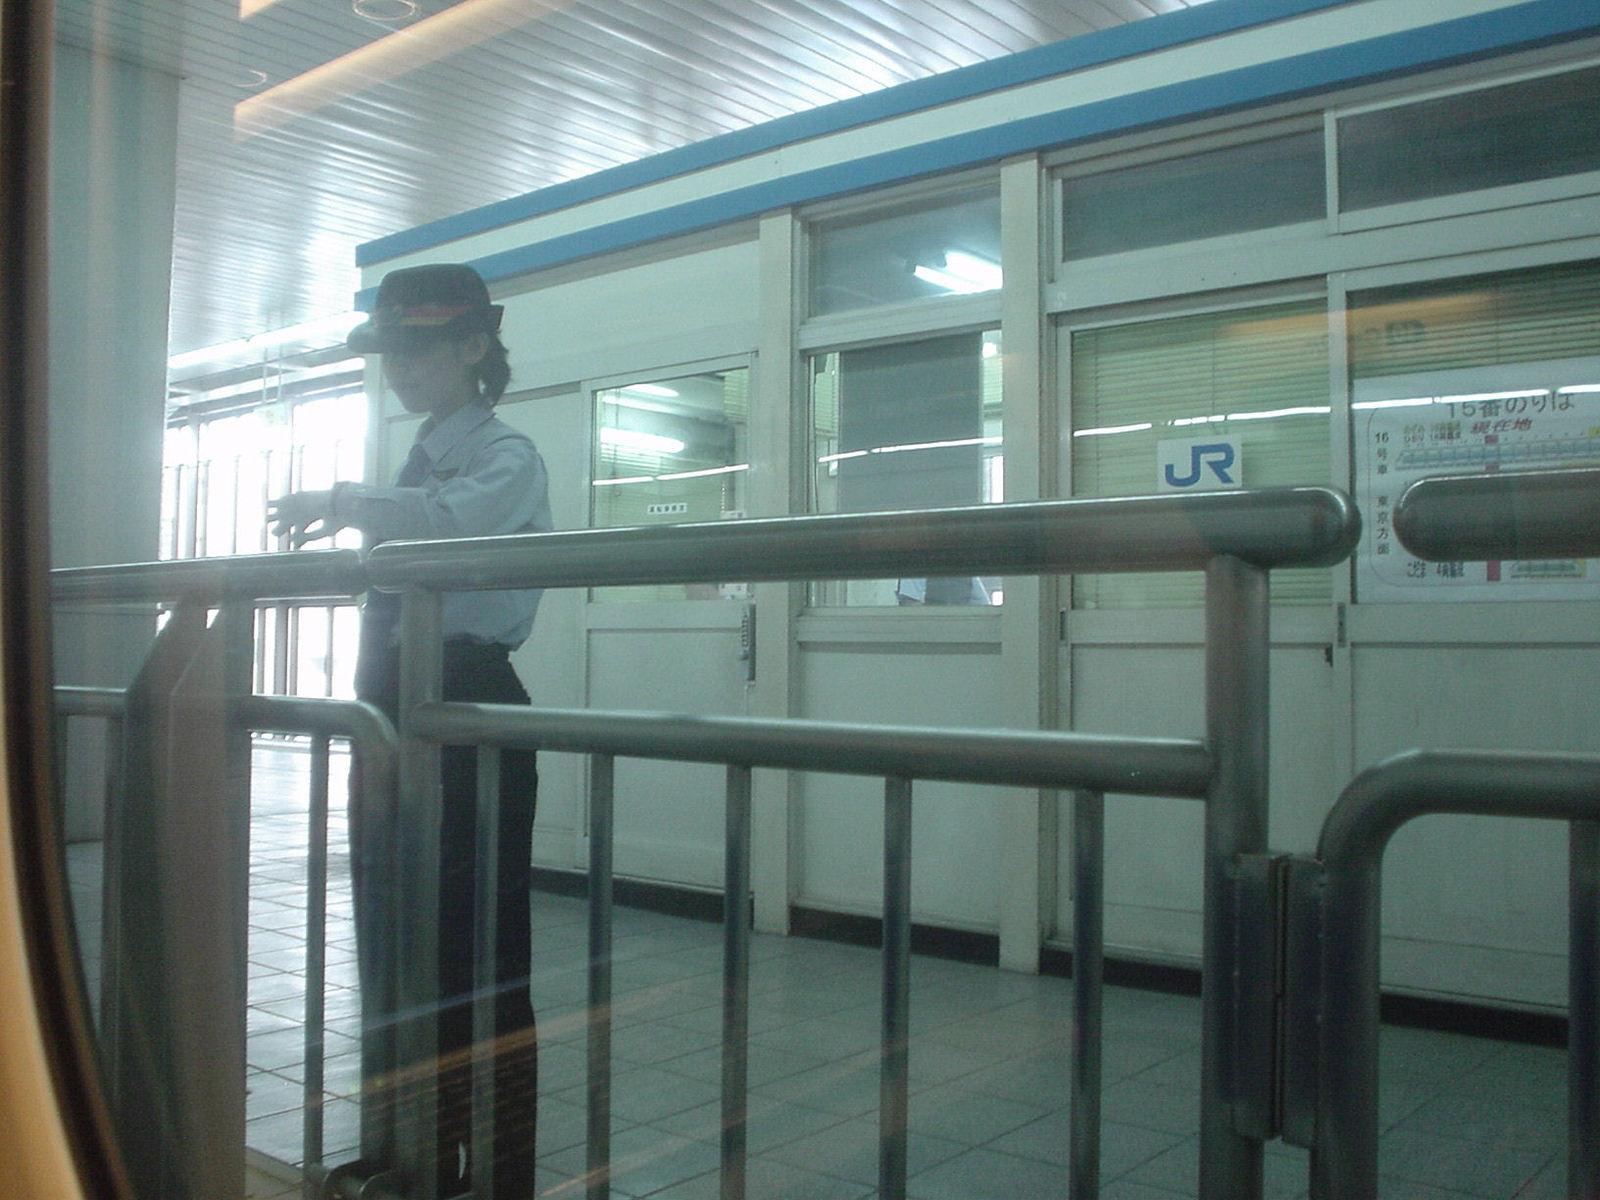 発車時刻を確認する女性